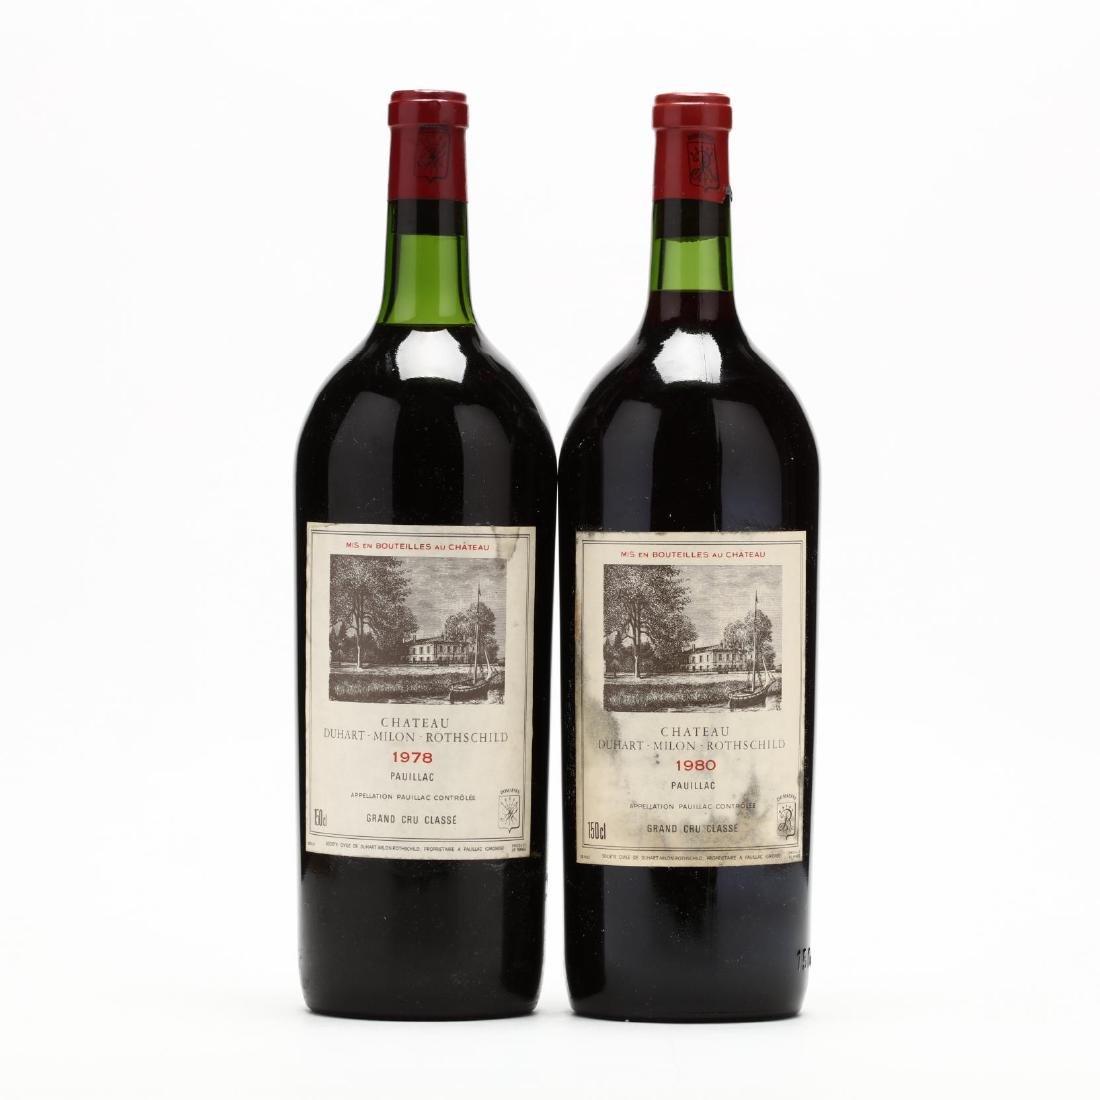 1978 & 1980 Chateau Duhart-Milon Magnums